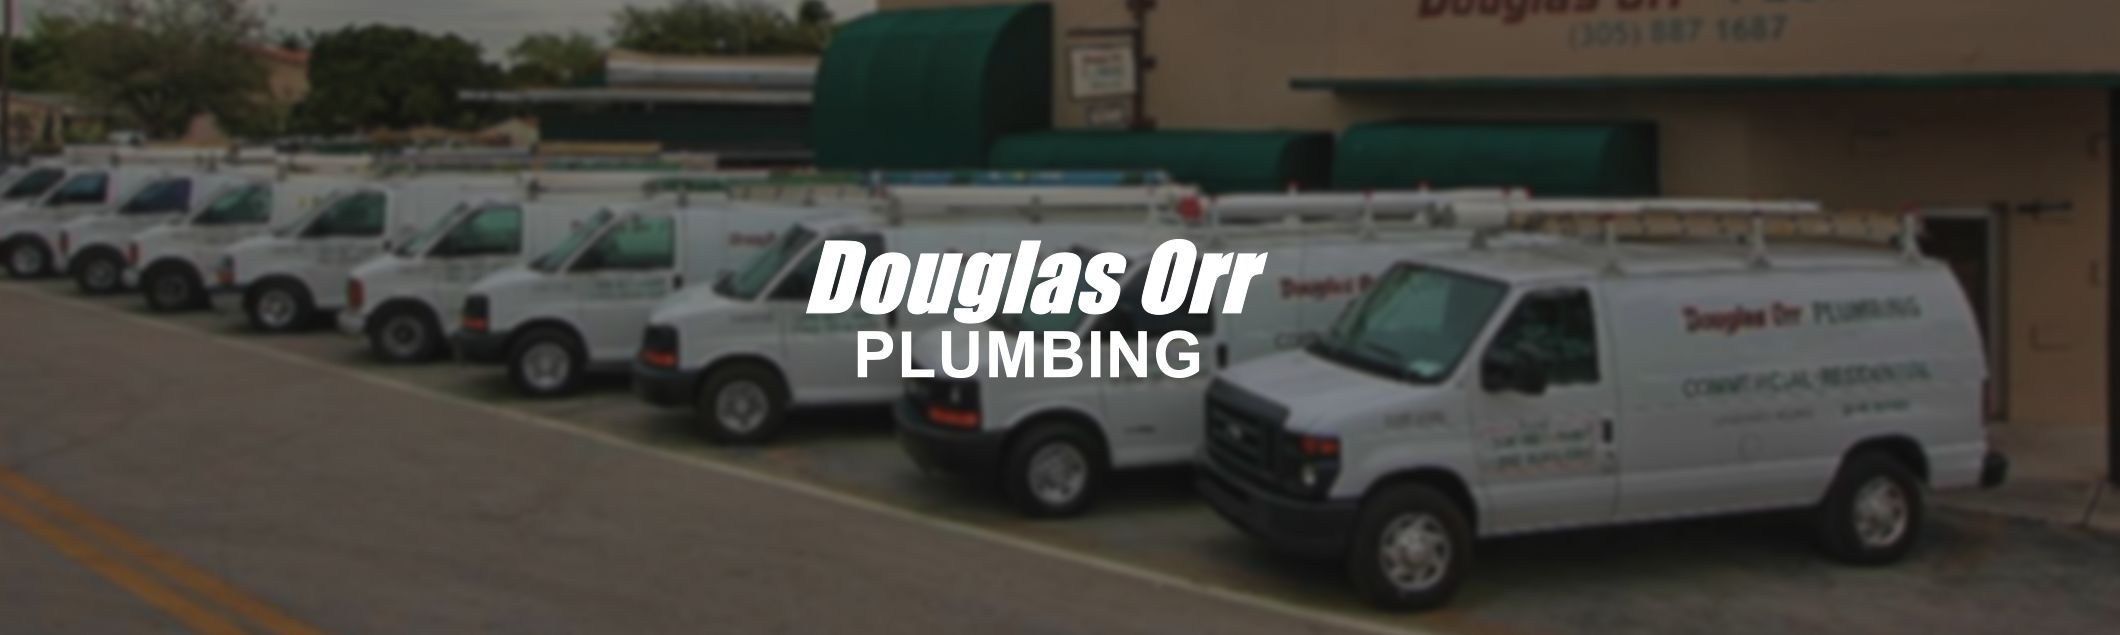 Douglas Orr Plumbing, Inc. (@douglasorrplumbing) Cover Image